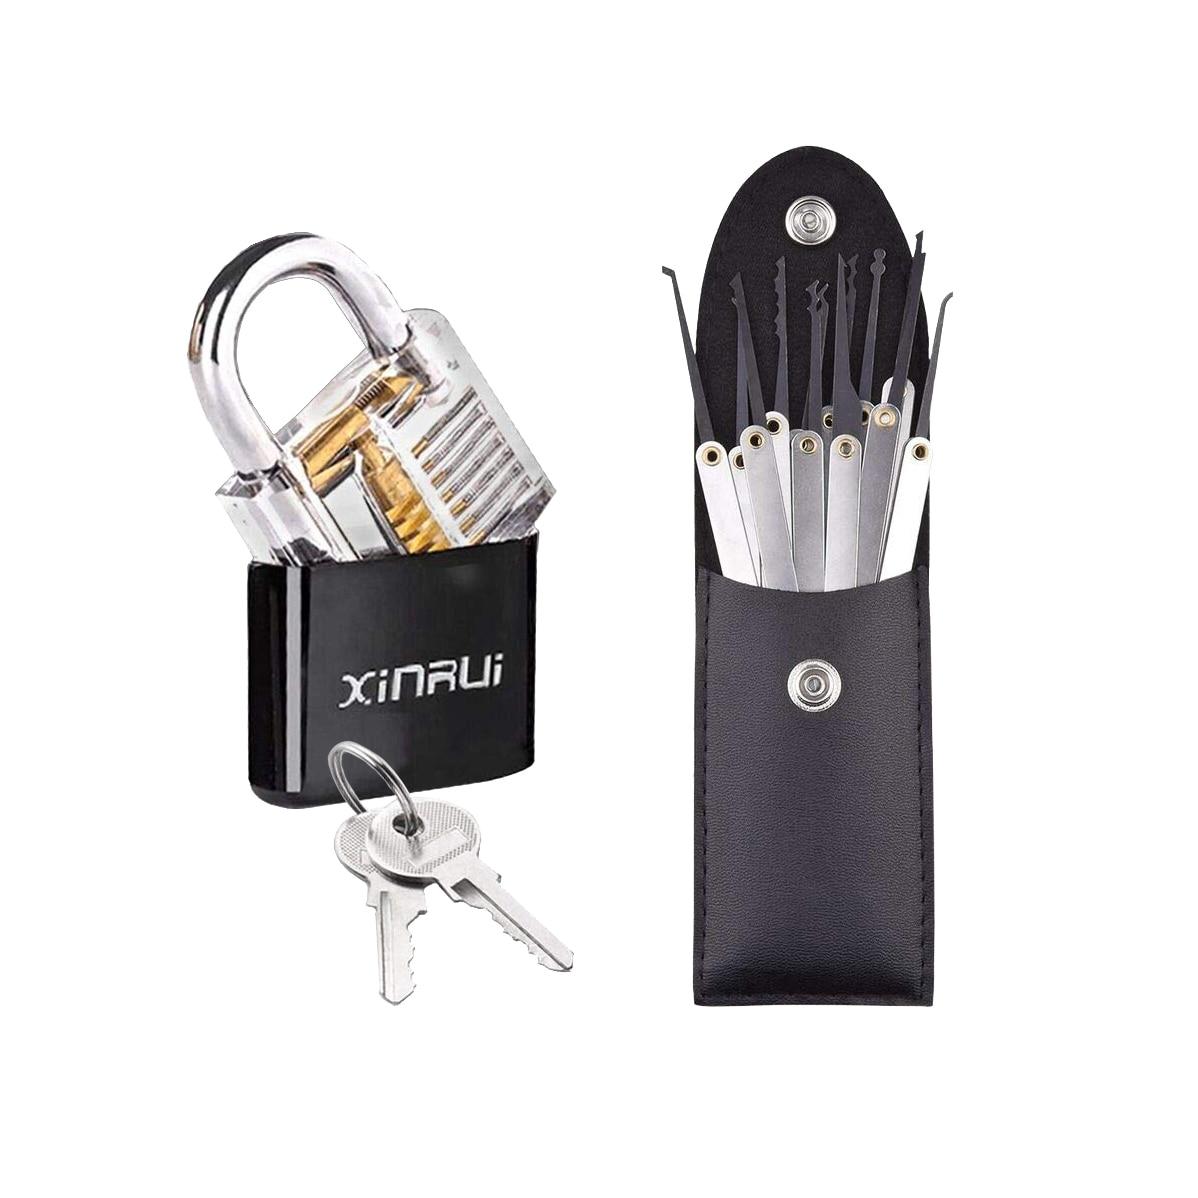 Outils de serrurier pratique Kit de verrouillage Transparent cadenas serrure avec clé cassée Kit de retrait crochet clé outil extracteur ensemble # D